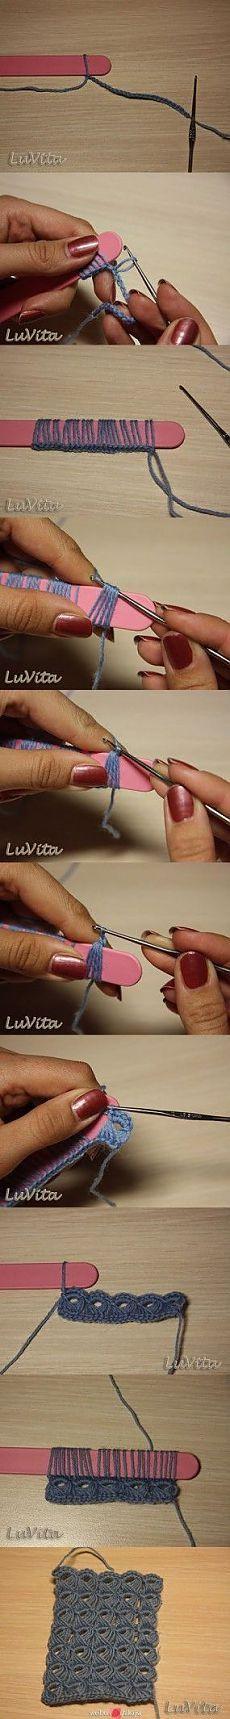 Используем для вязания крючком пилочку.